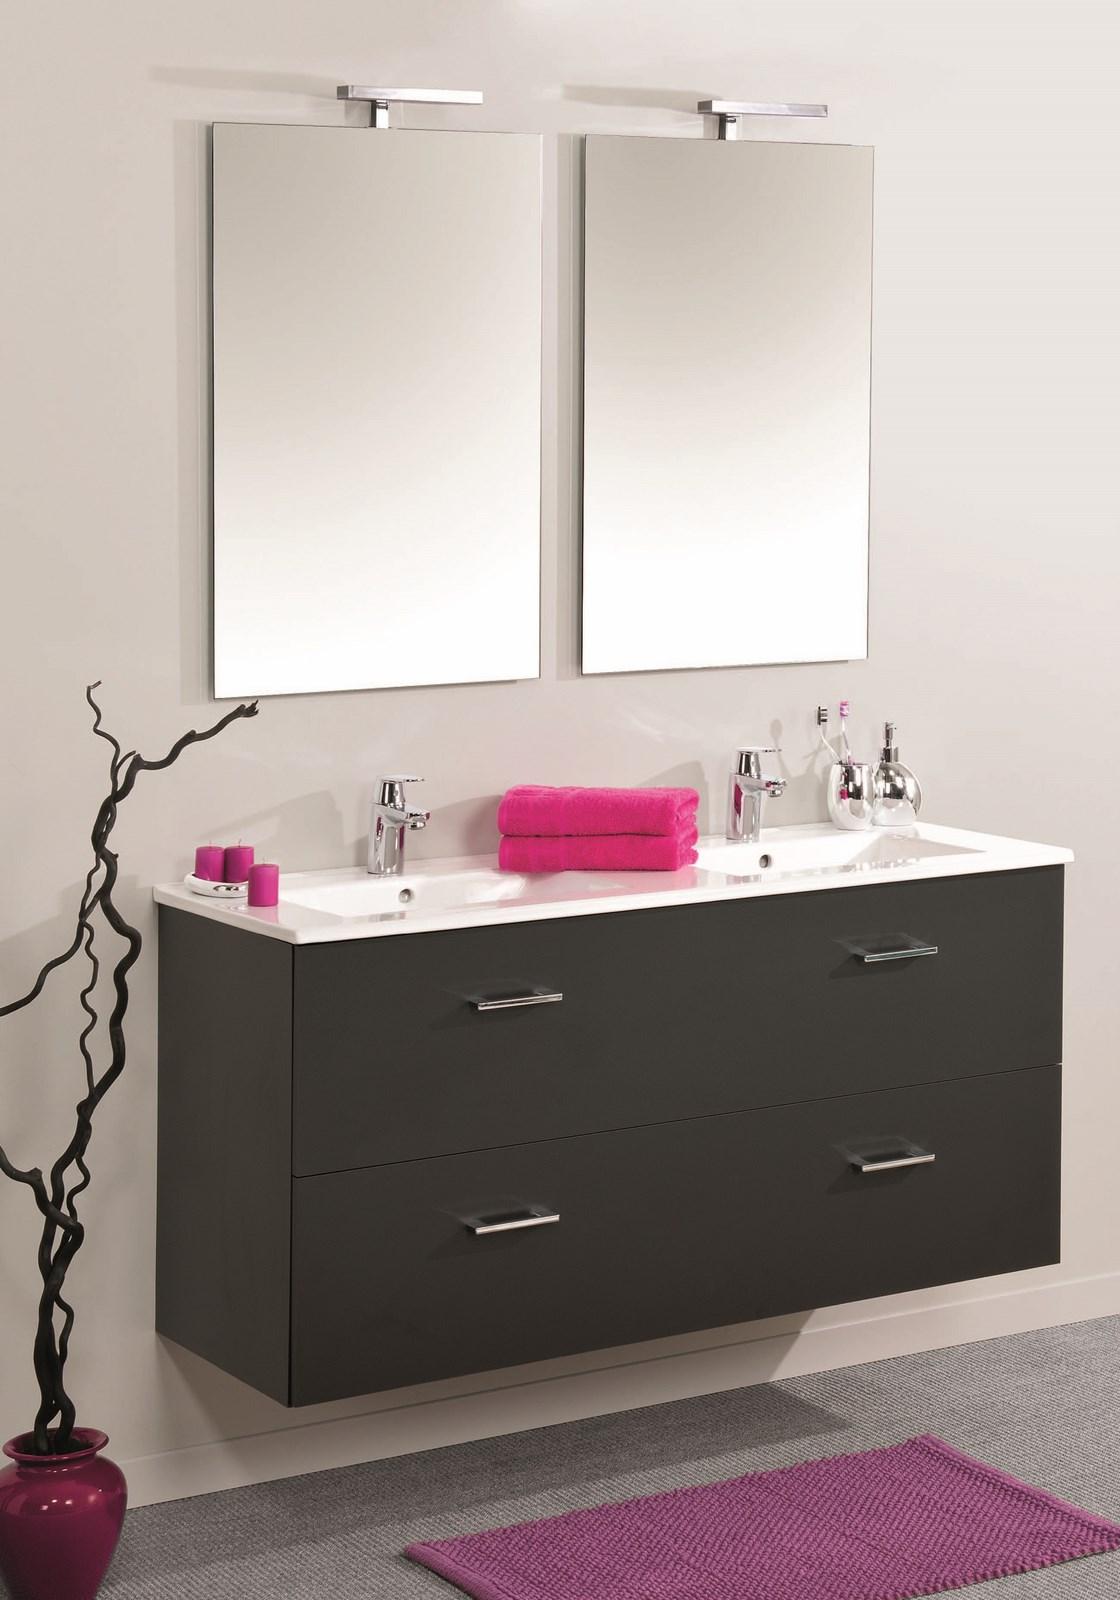 Angelo meubles de salles de bains monts for Meuble angelo neova